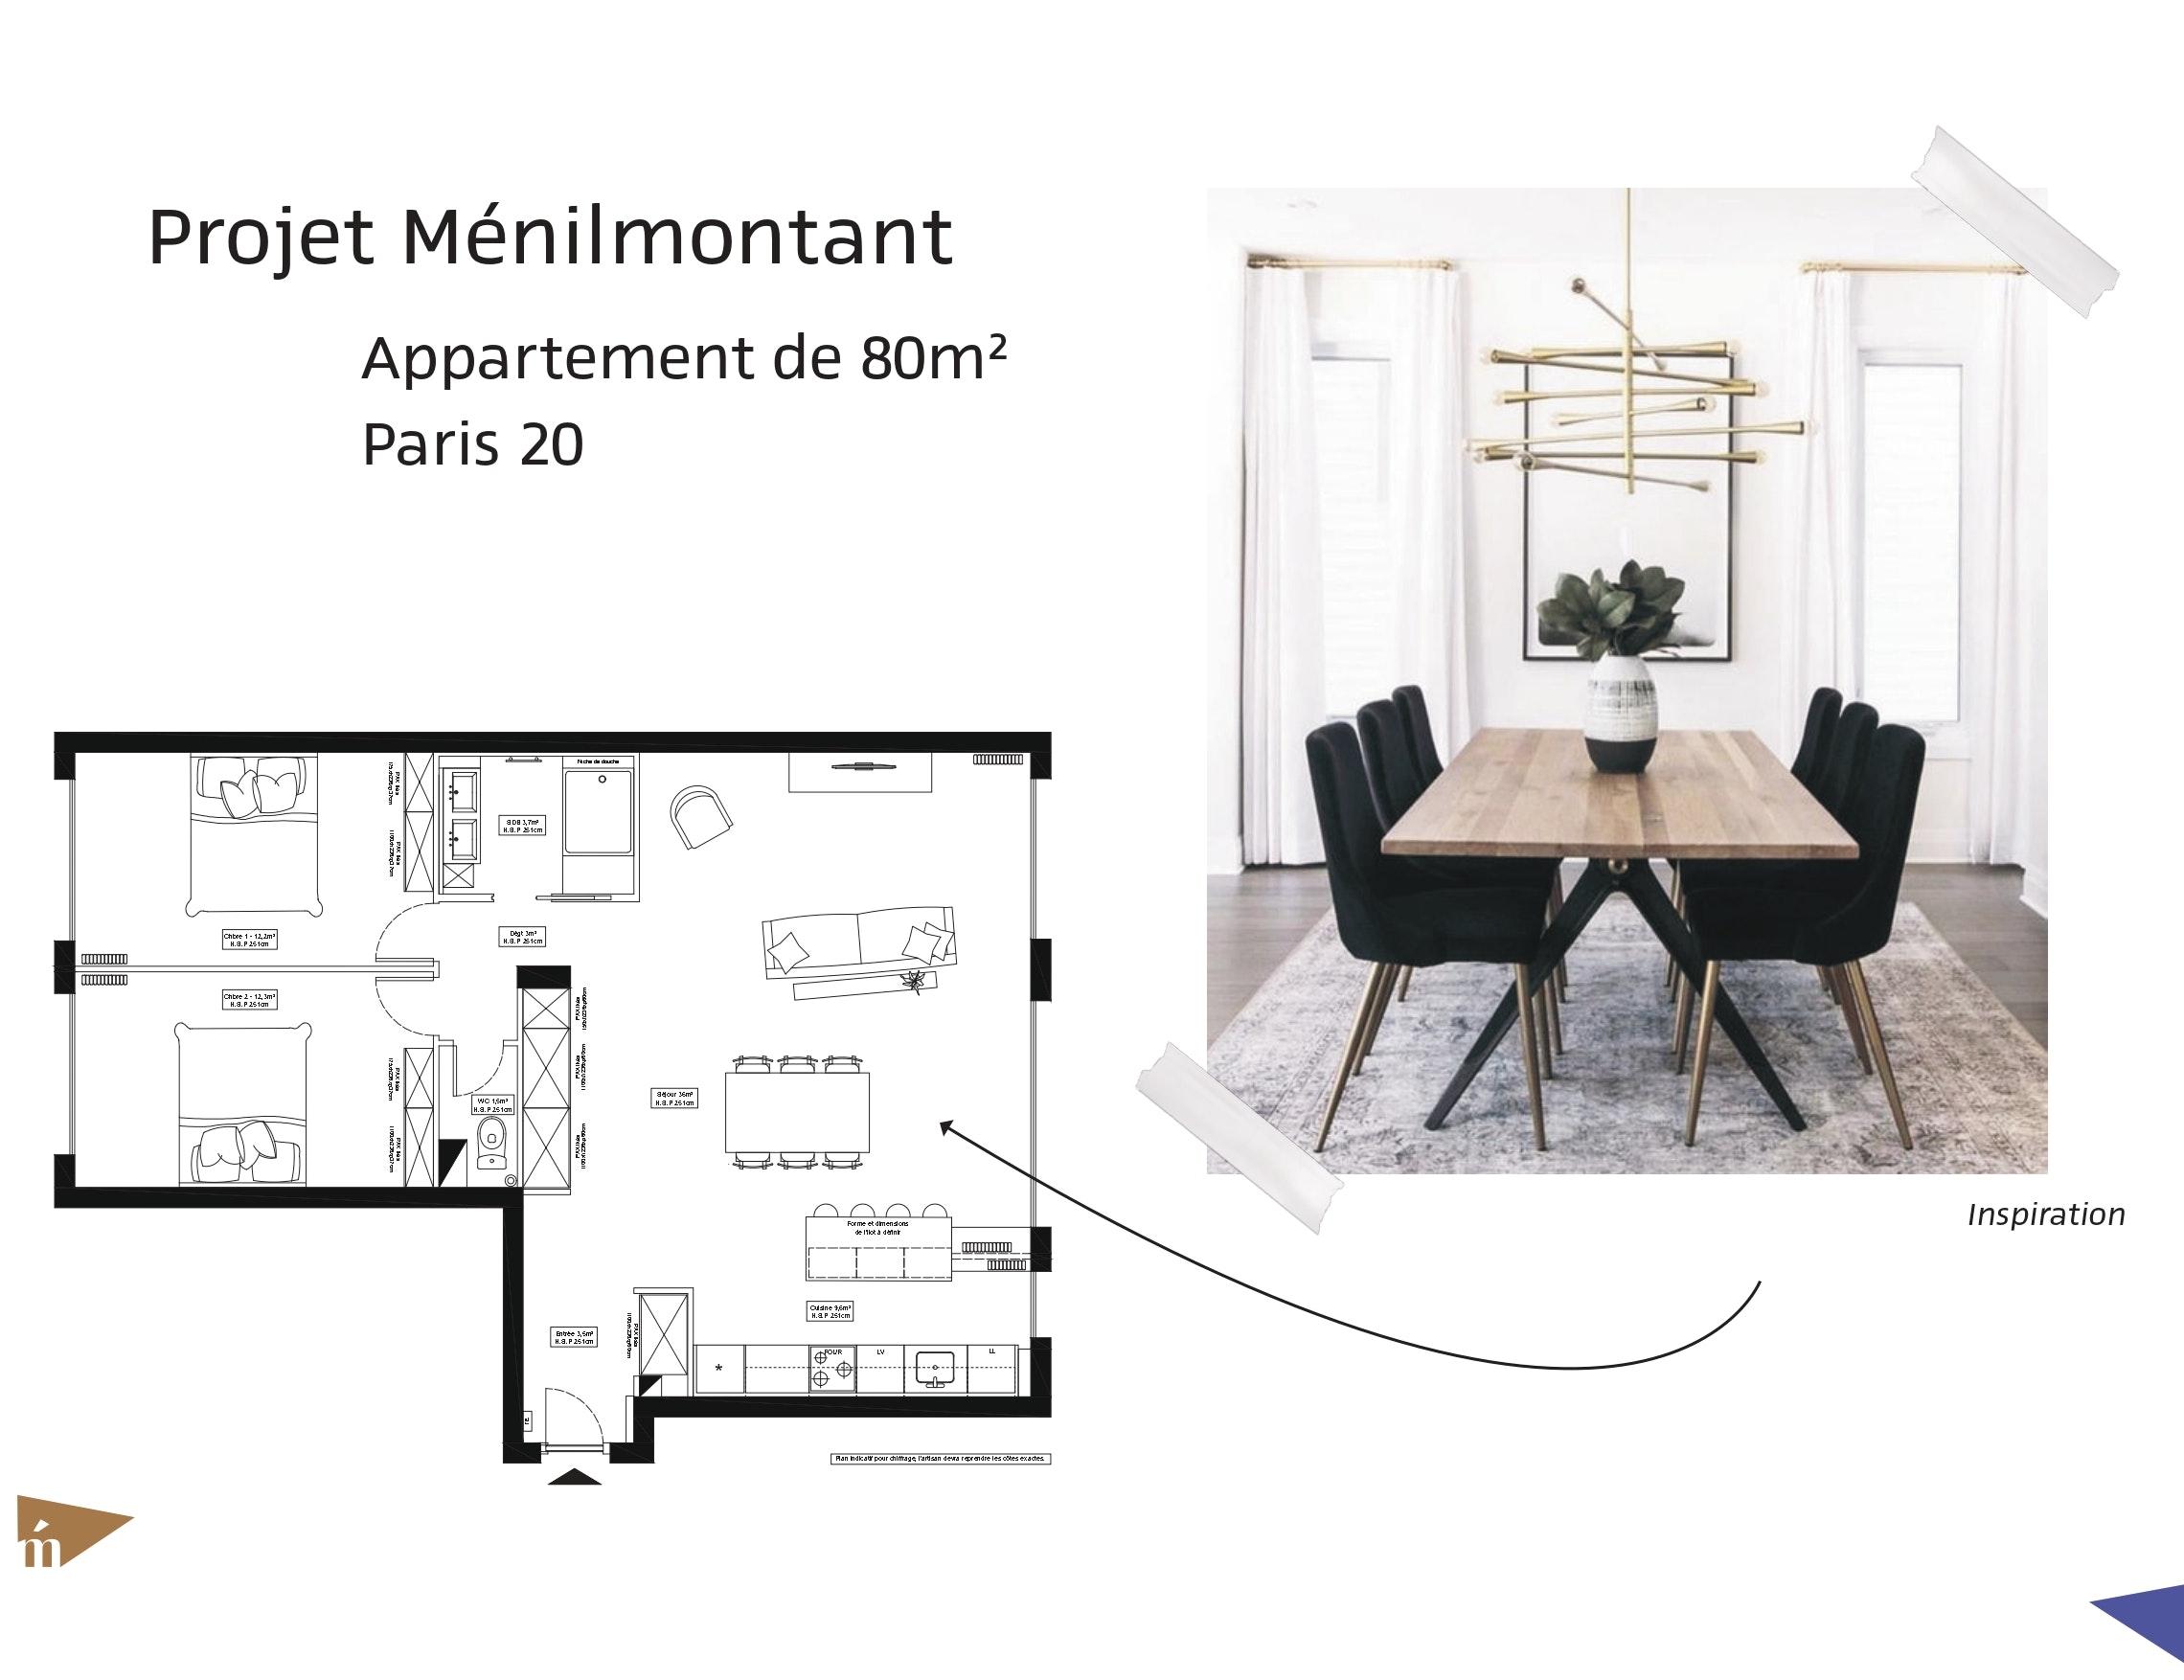 photo Projet Ménilmontant - 80 m² - Paris 20 Léa Mast - Architecte hemea